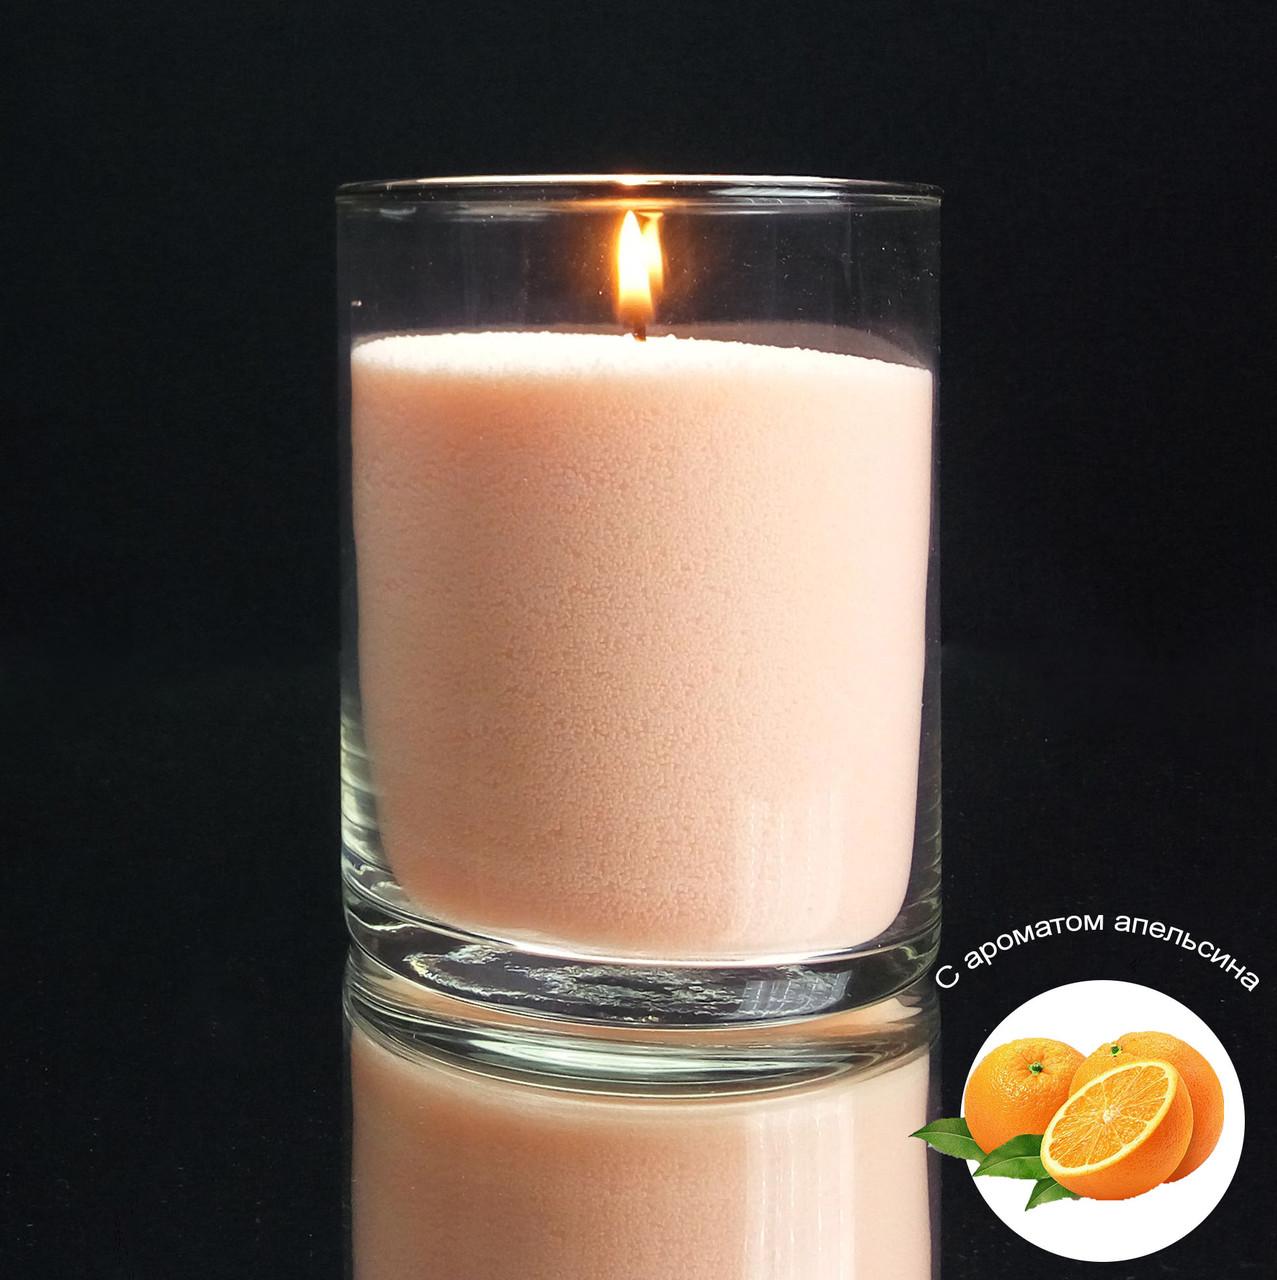 Персиковые насыпные свечи с запахом апельсина 1 кг + 1 м фитиля